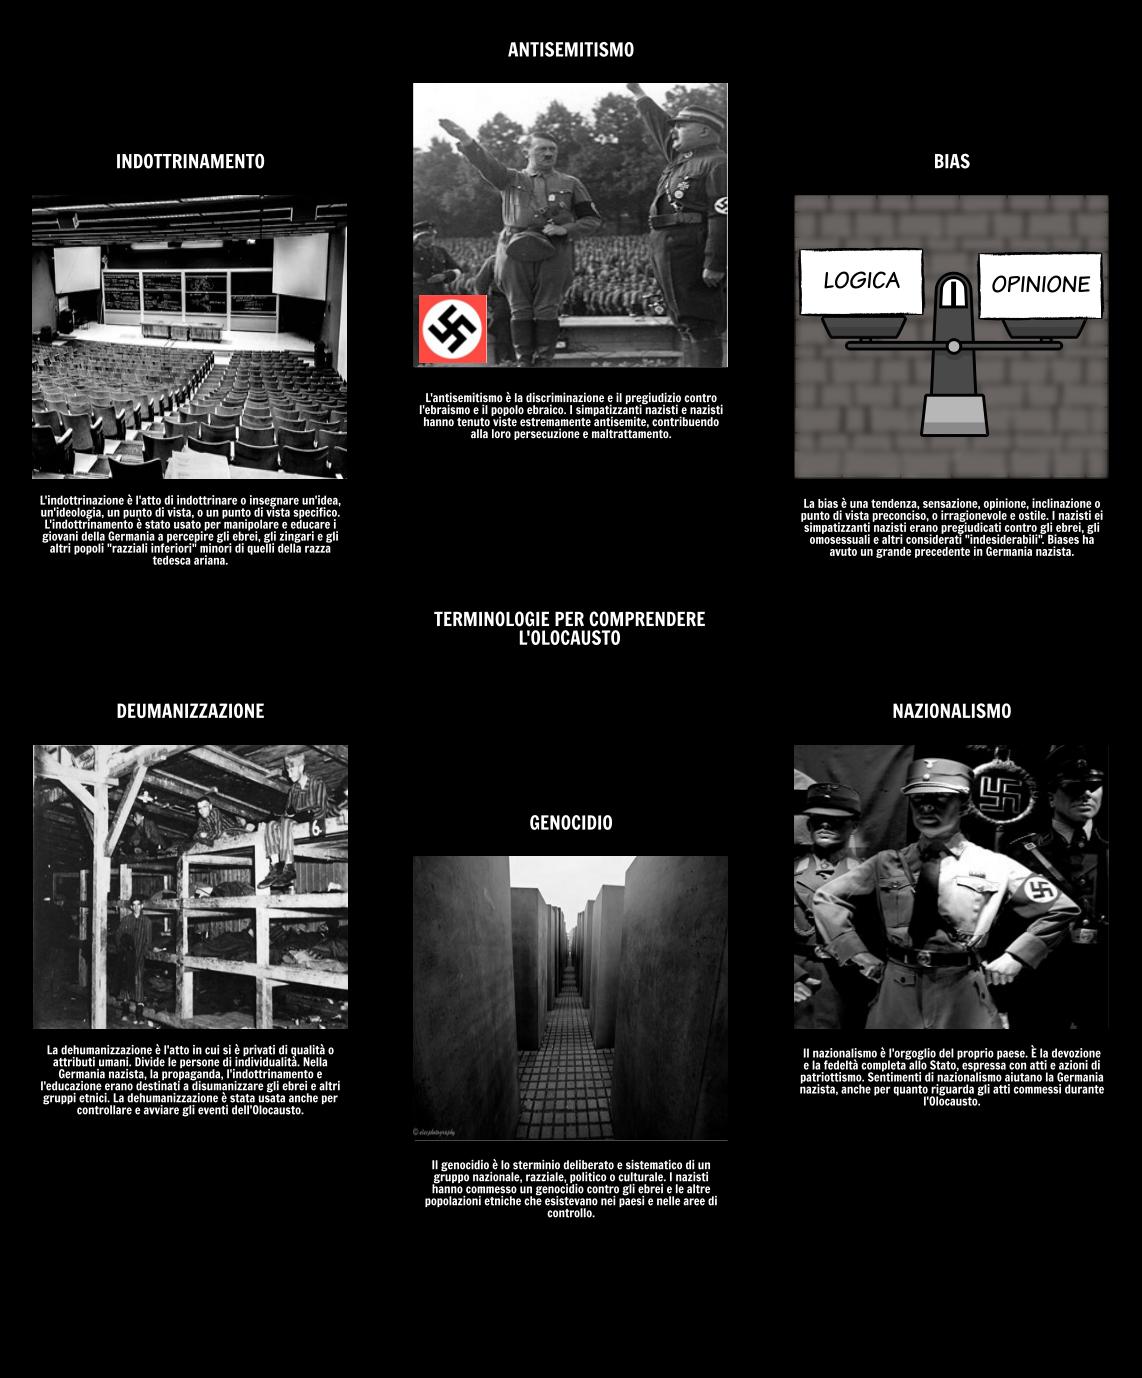 La Storia Dell'Olocausto - Terminologie Nella Comprensione Della Shoah